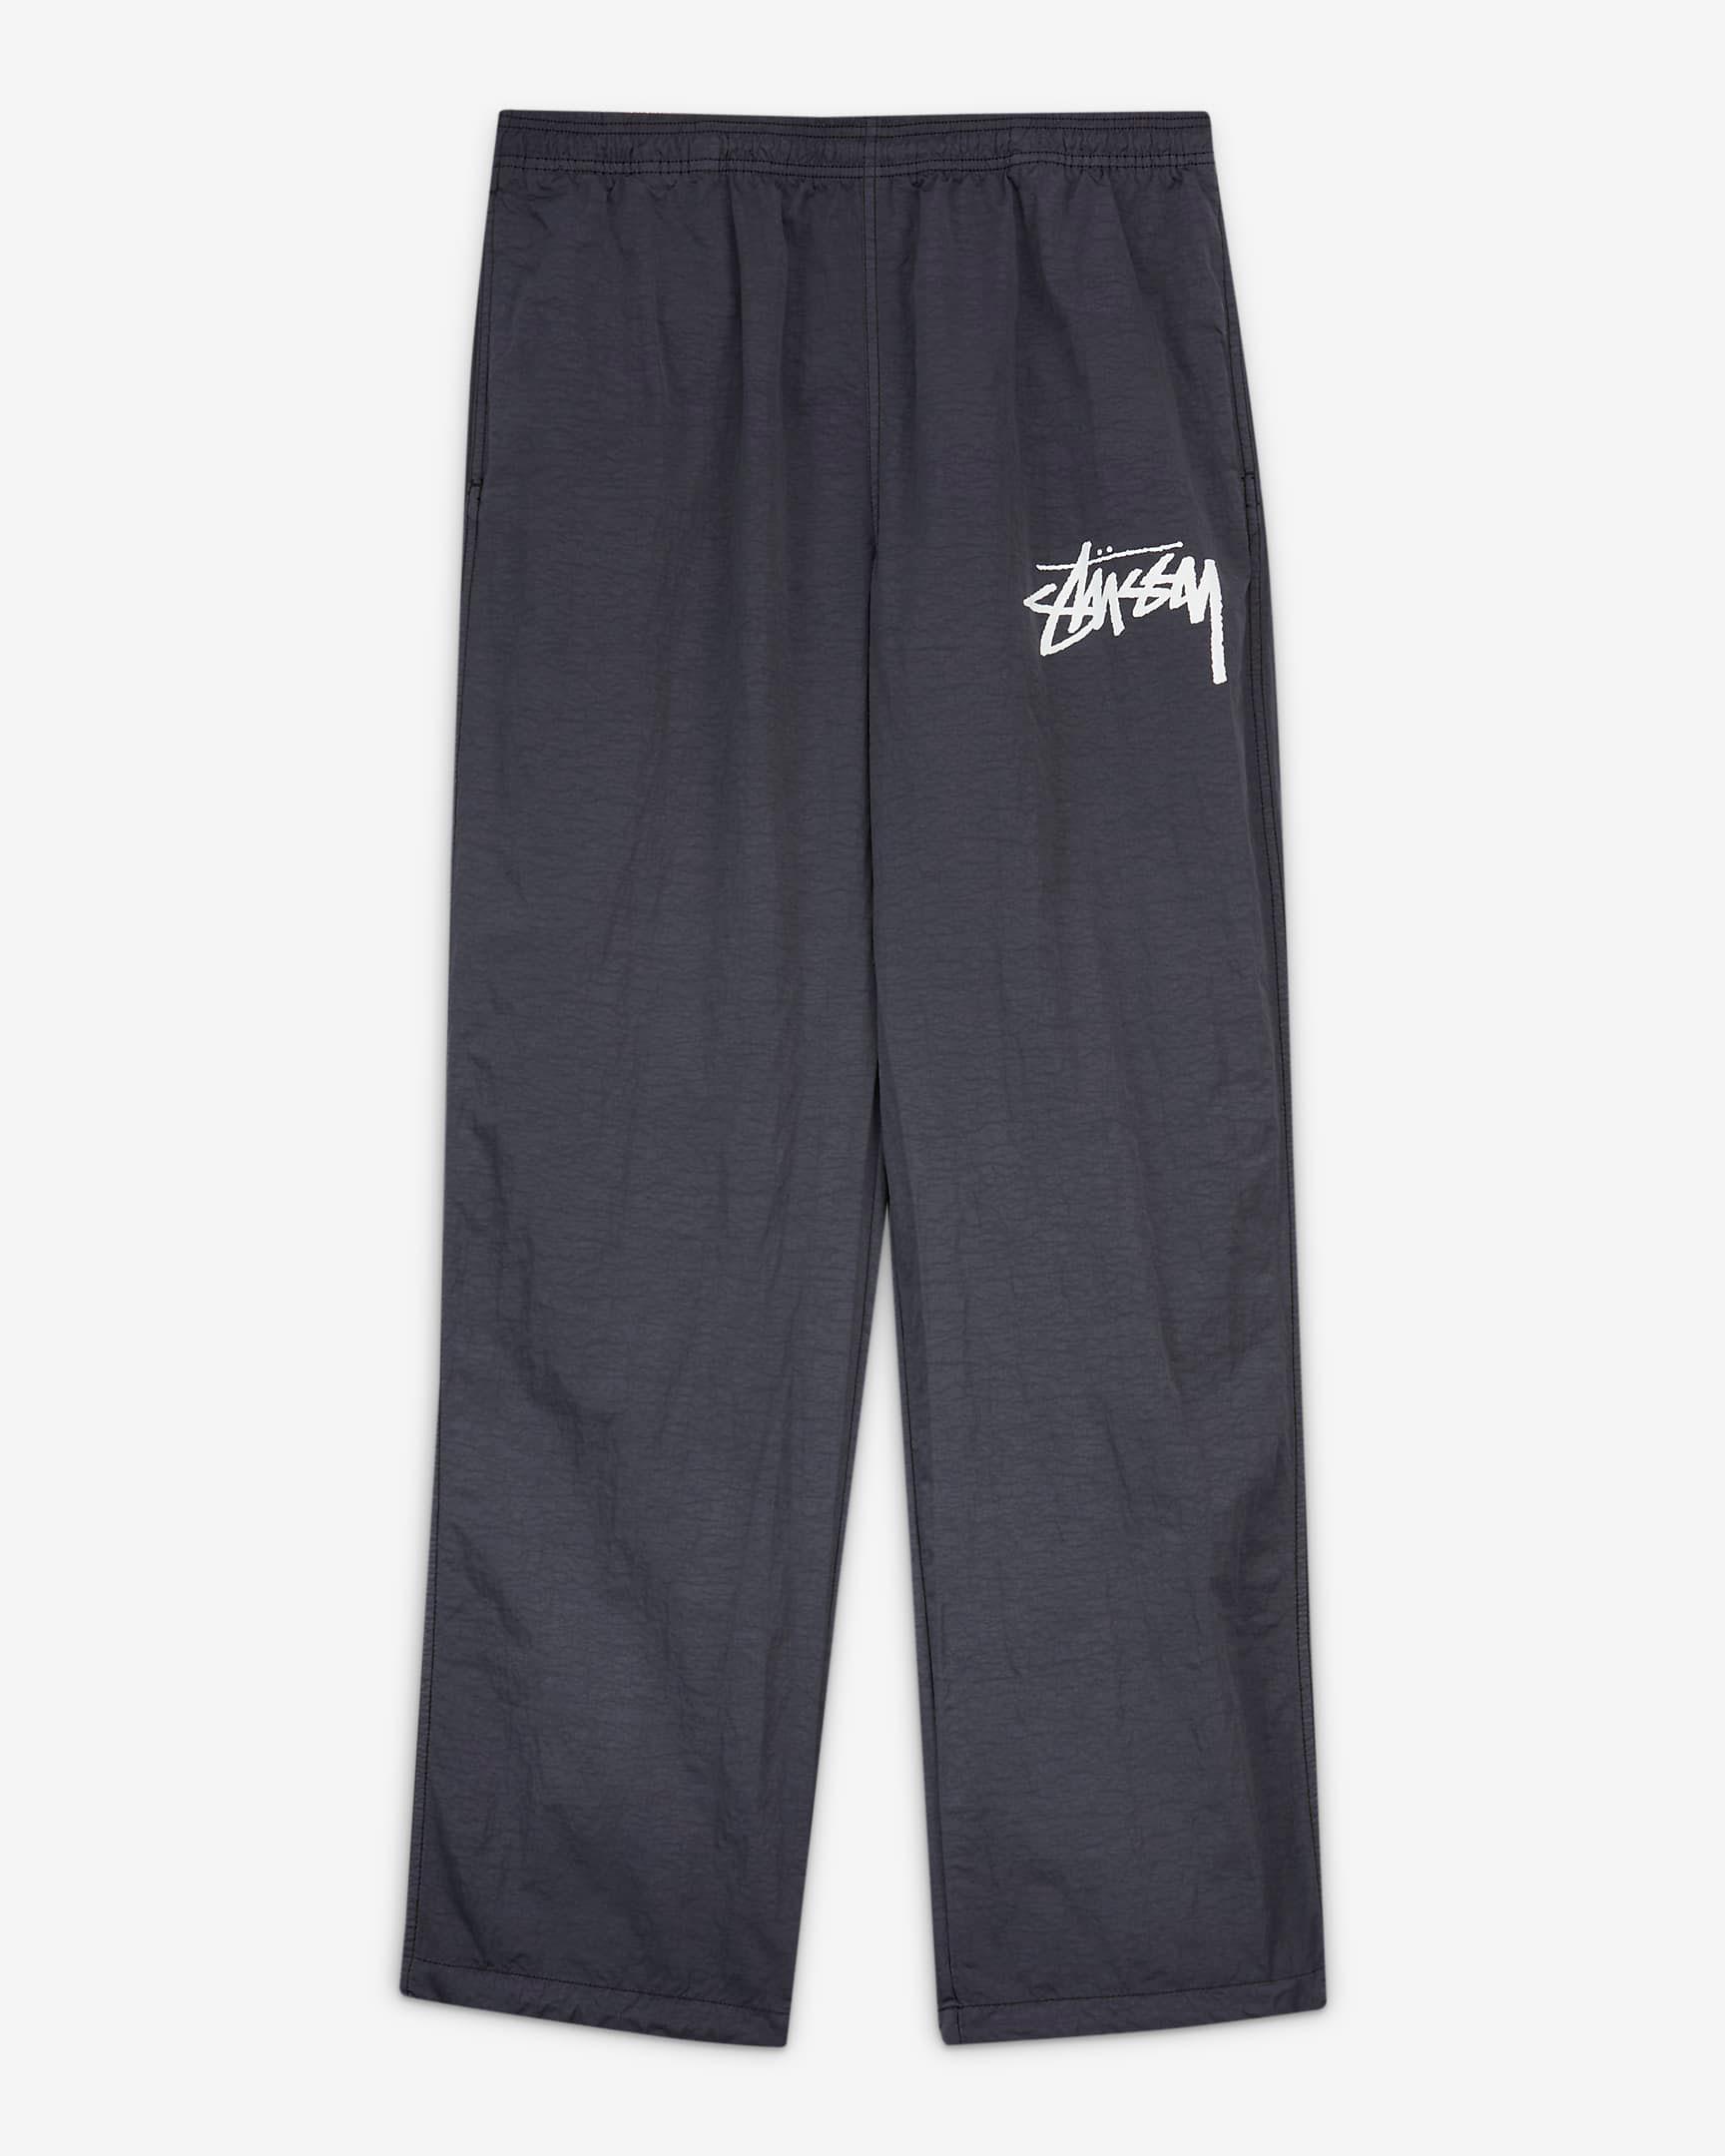 nike-stussy-beach-pants-off-noir-black-2